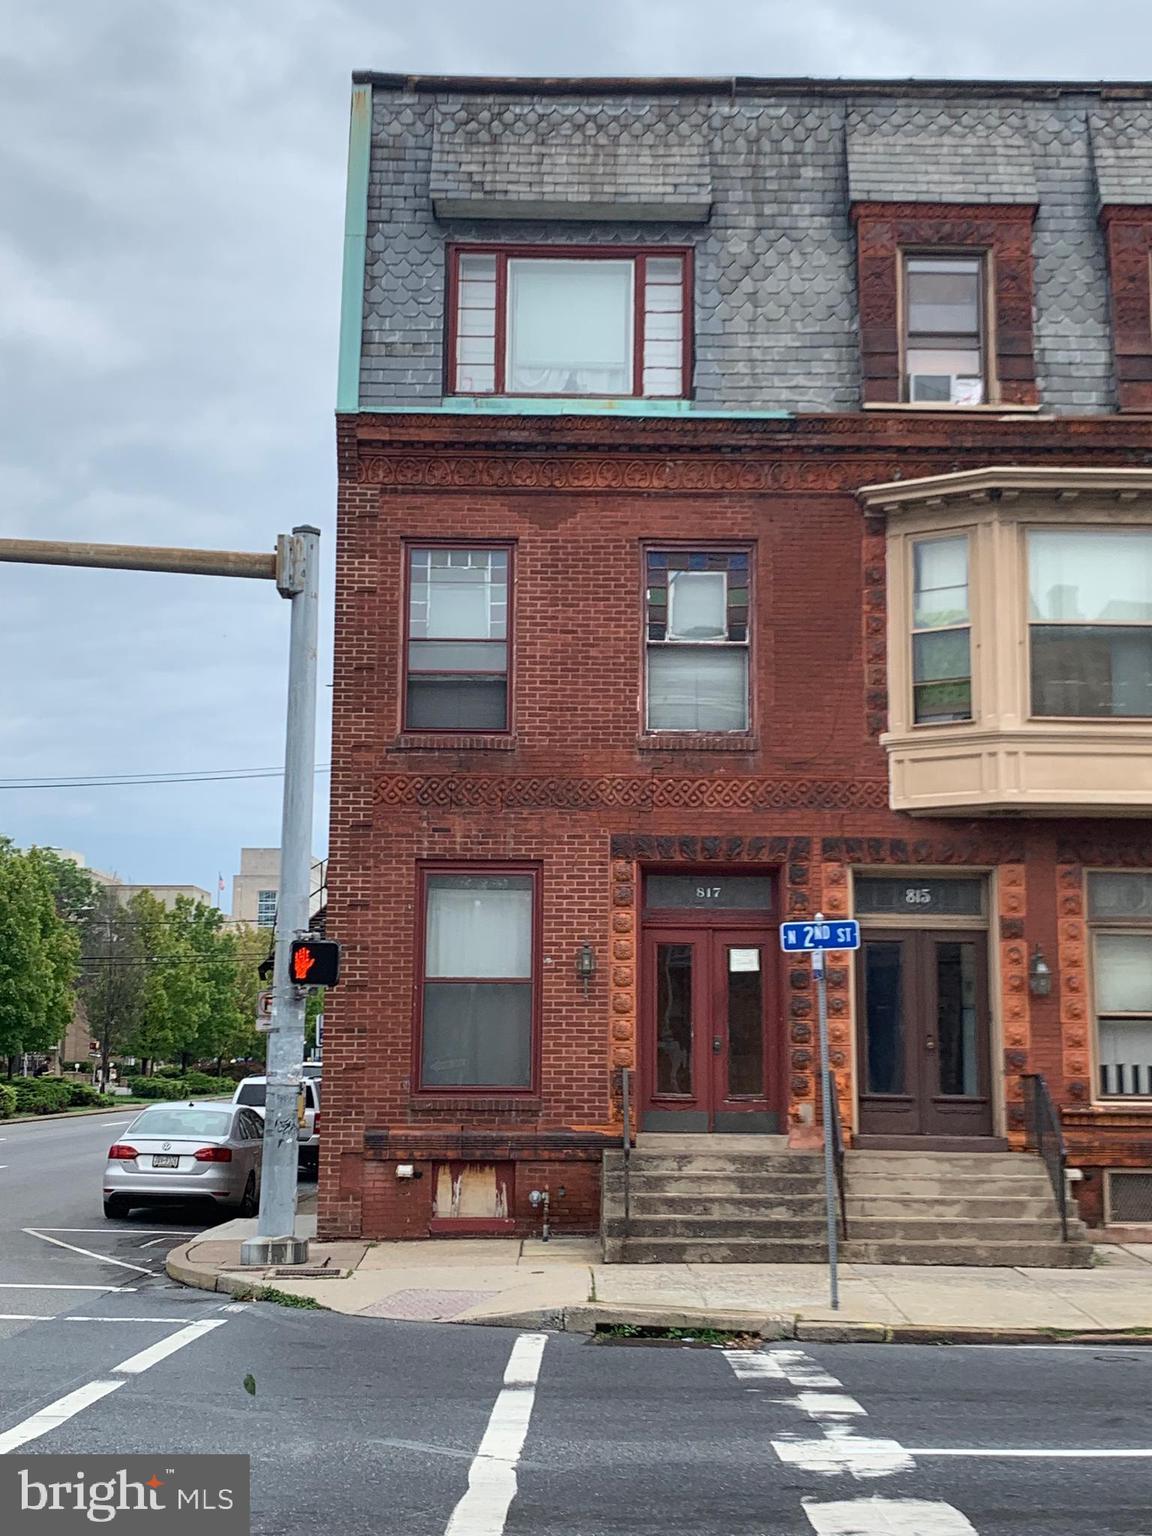 817 N 2ND STREET, HARRISBURG, PA 17101